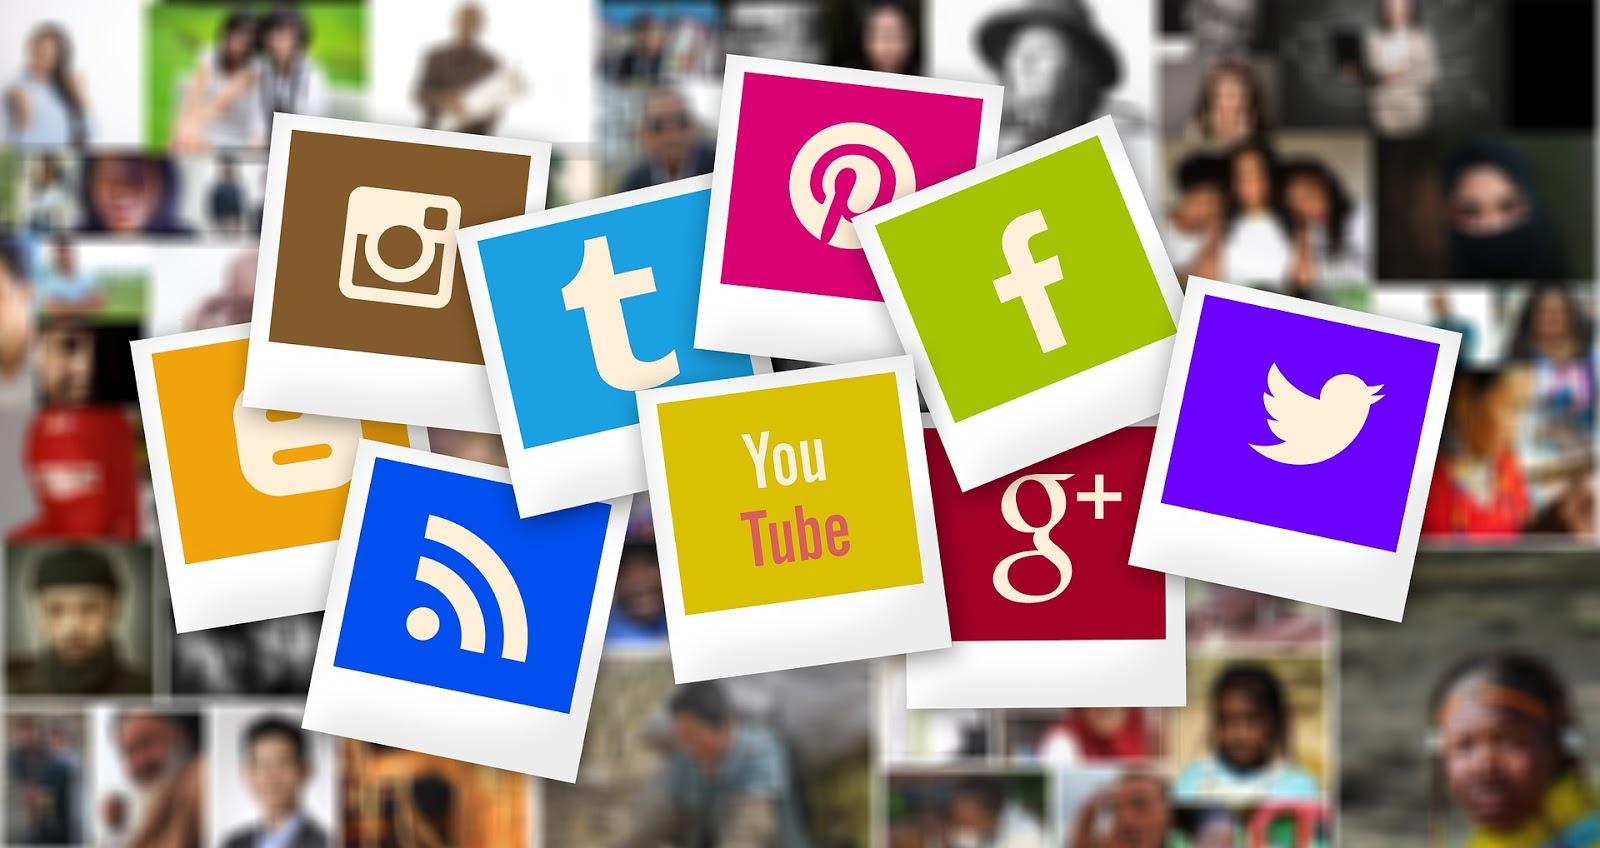 Competitors social media